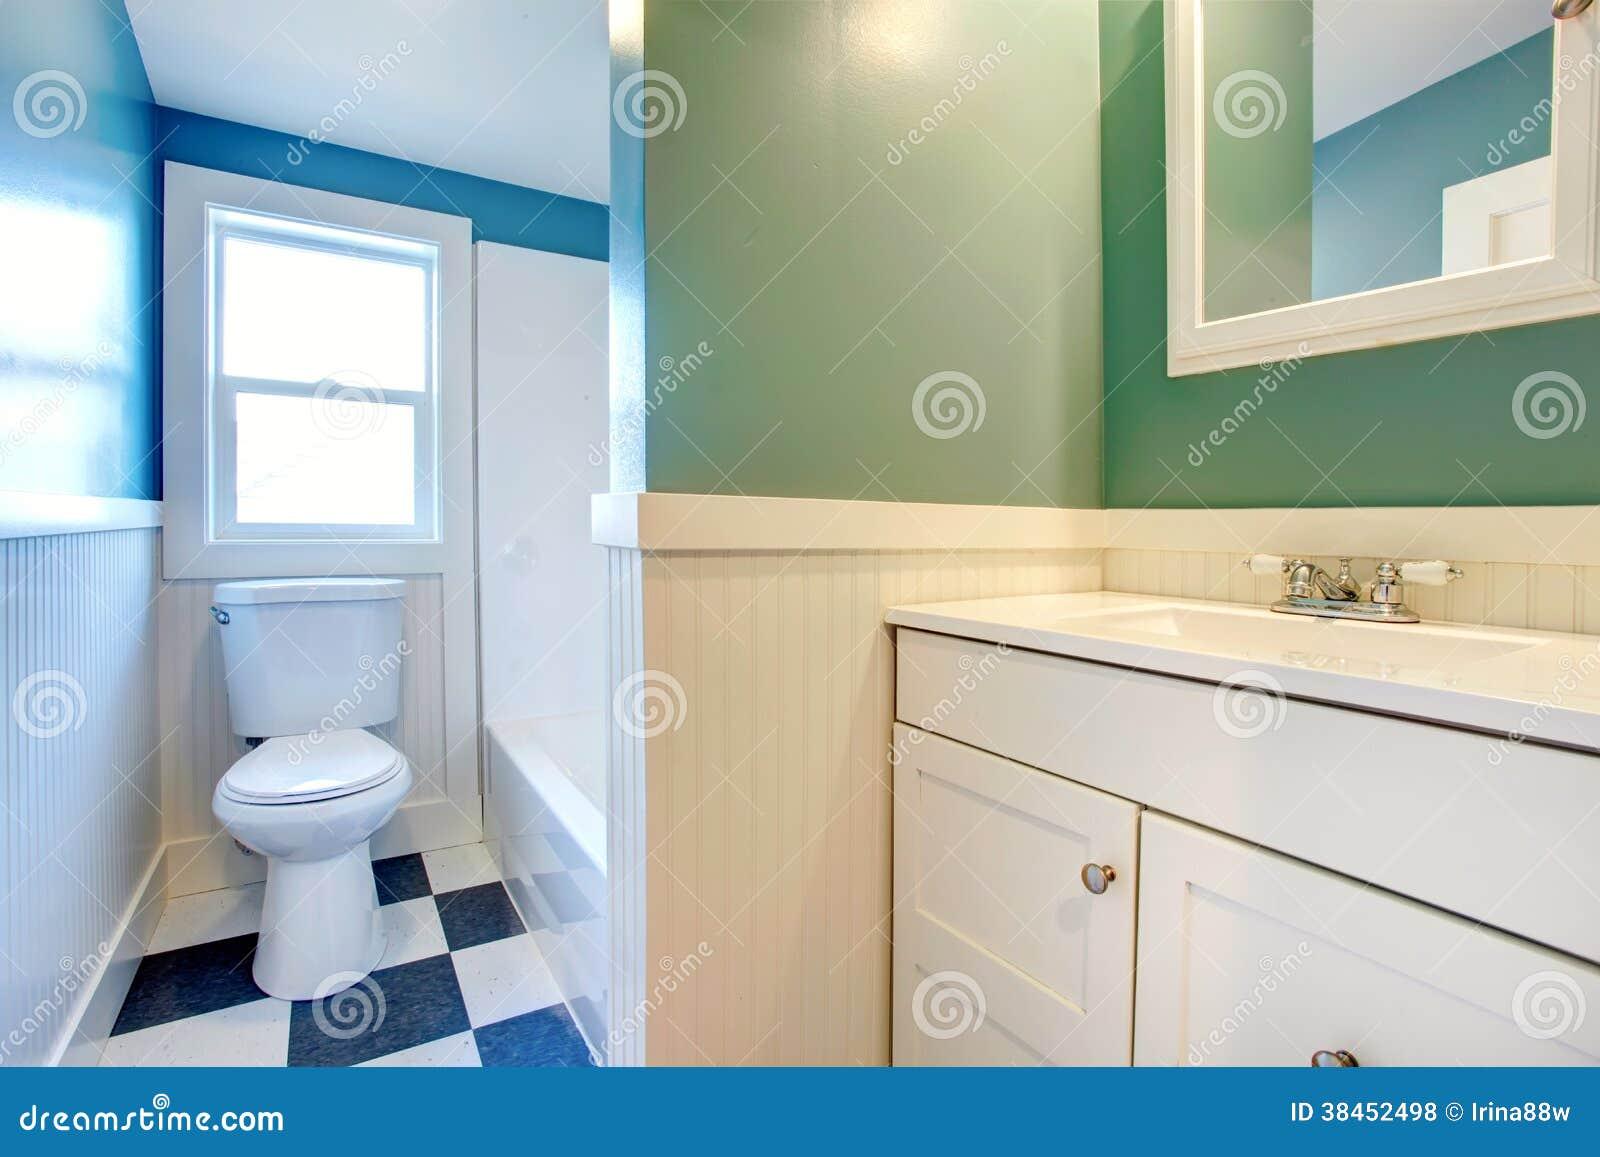 Vitt badrum med gräsplan  och blåttväggar royaltyfria foton   bild ...